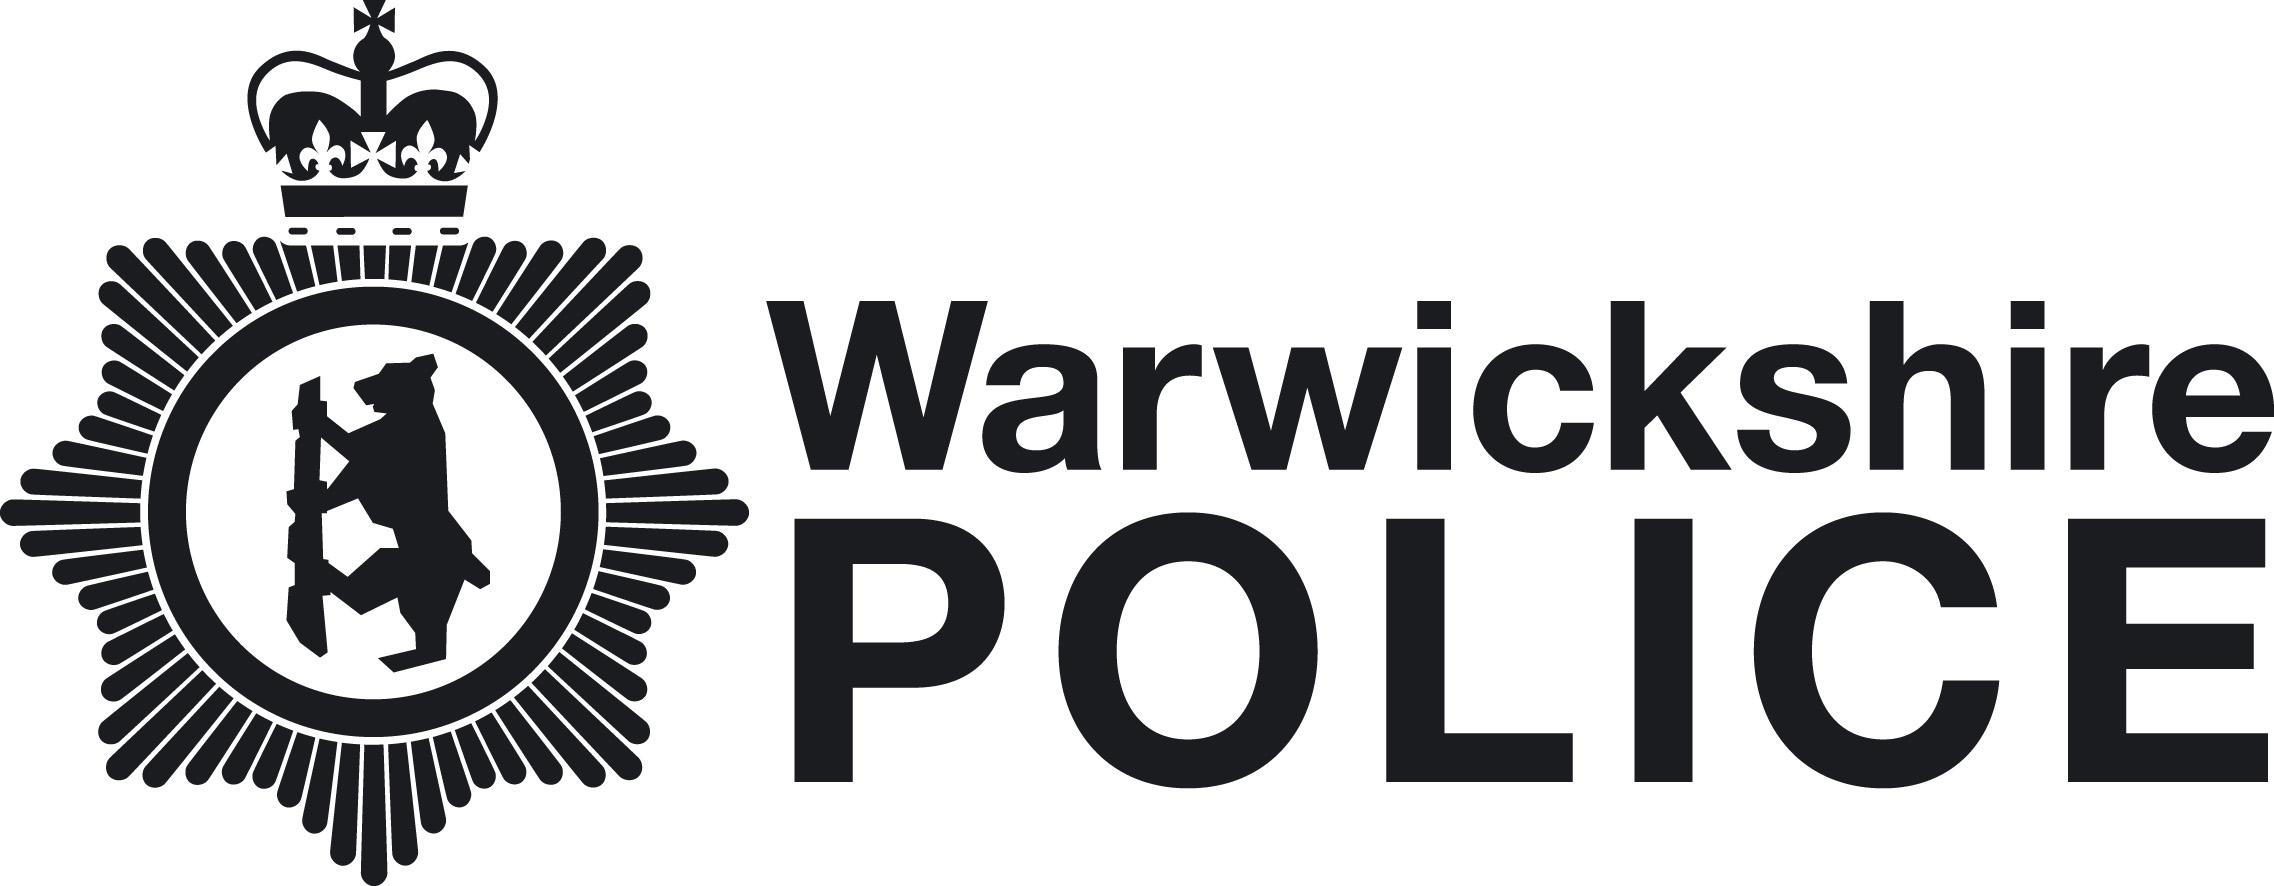 warwick-police-logo